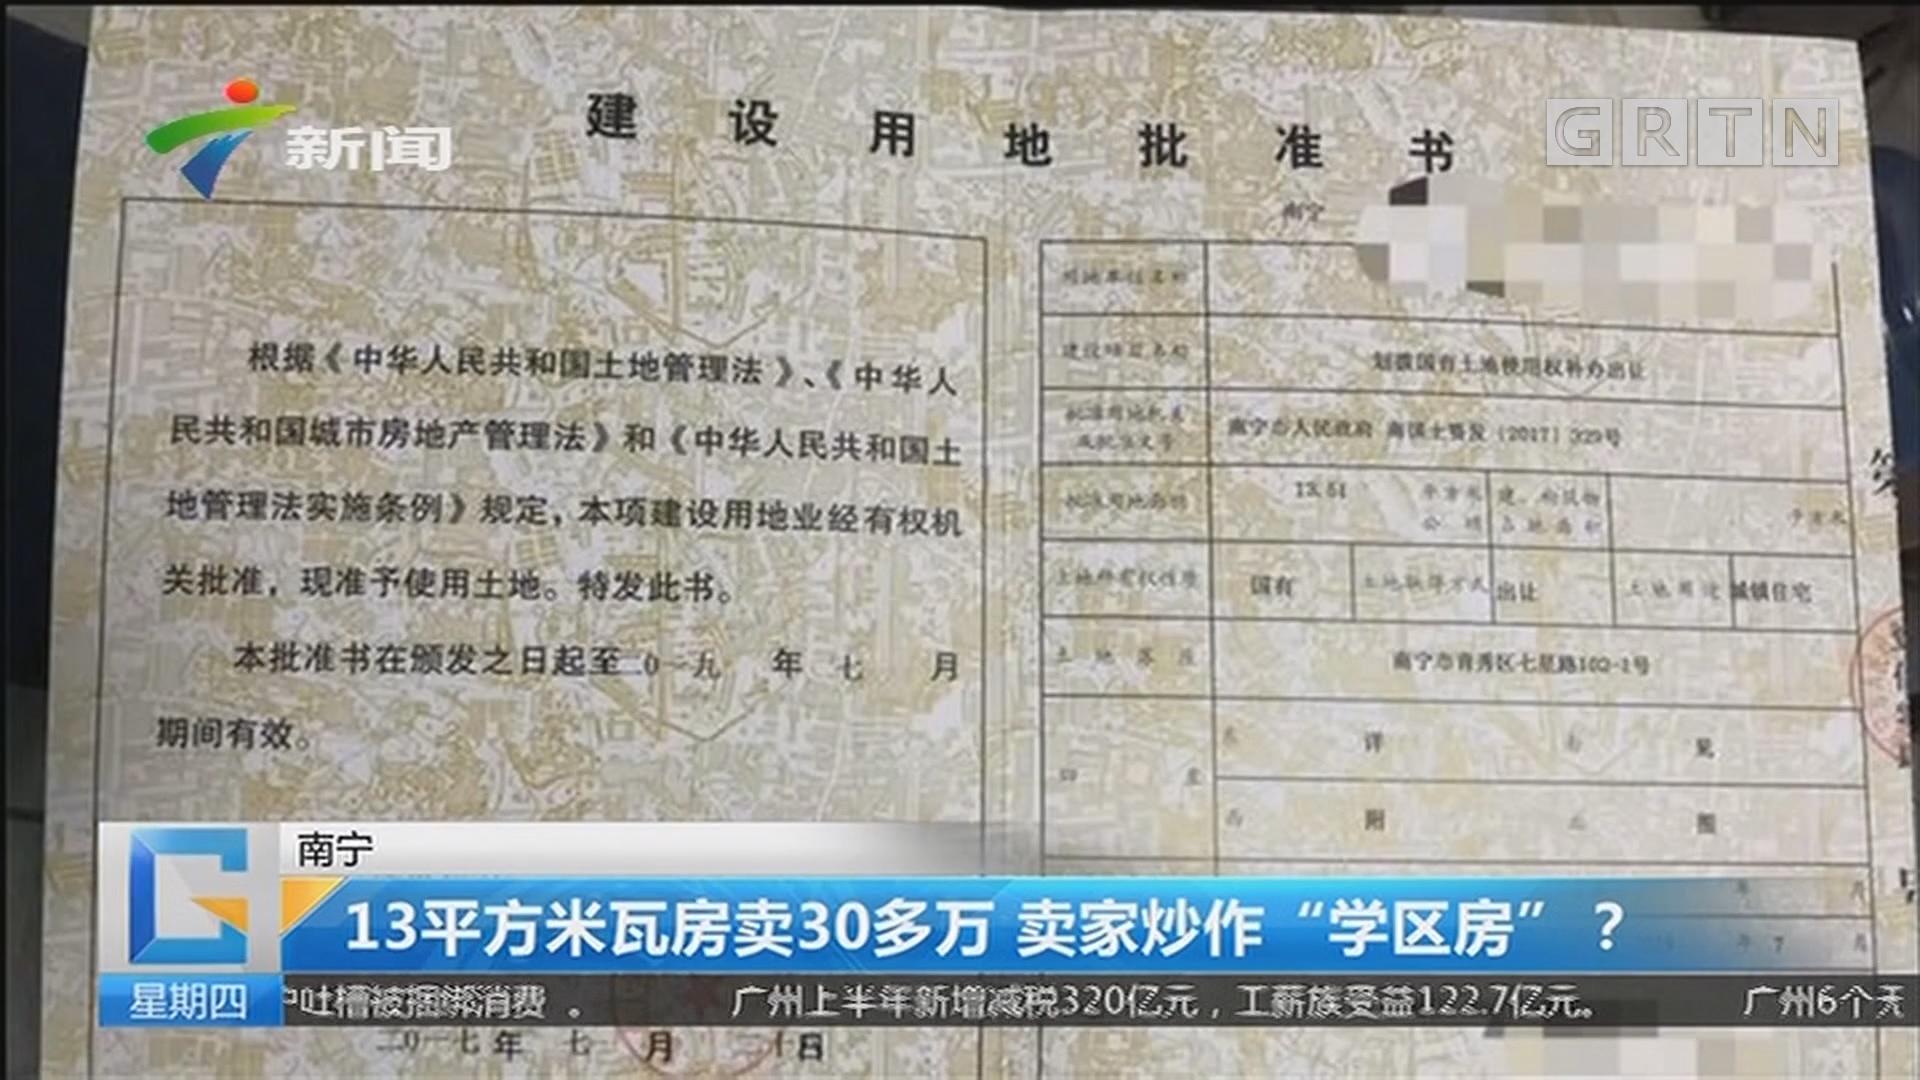 """南宁:13平方米瓦房卖30多万 卖家炒作""""学区房""""?"""